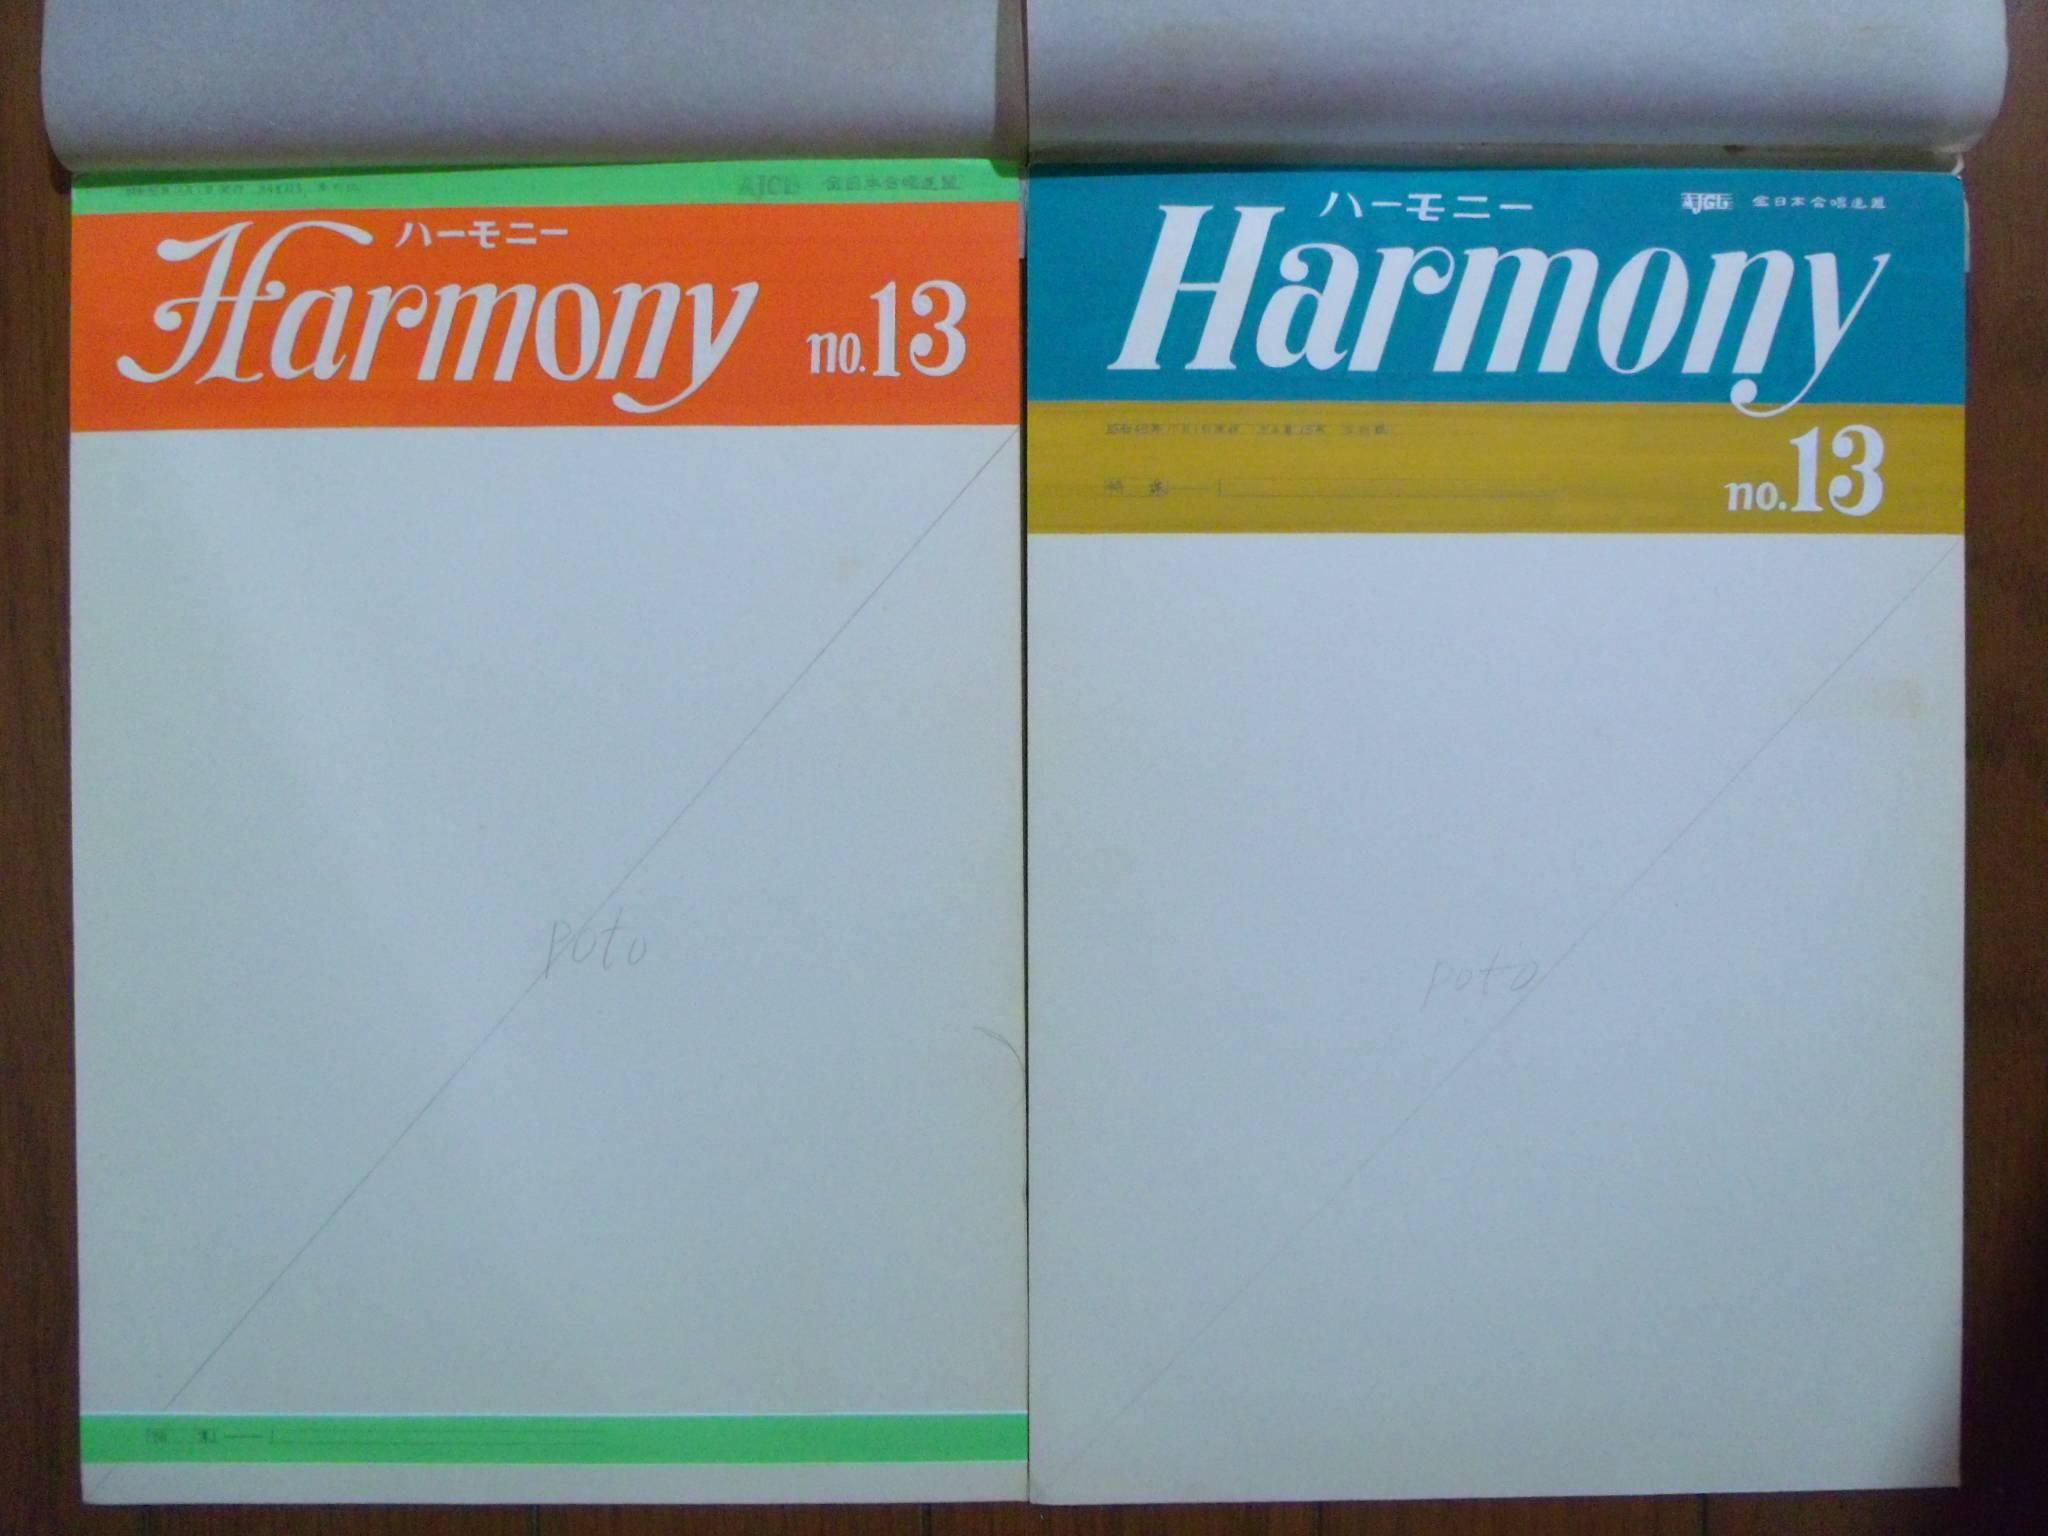 harmony-410